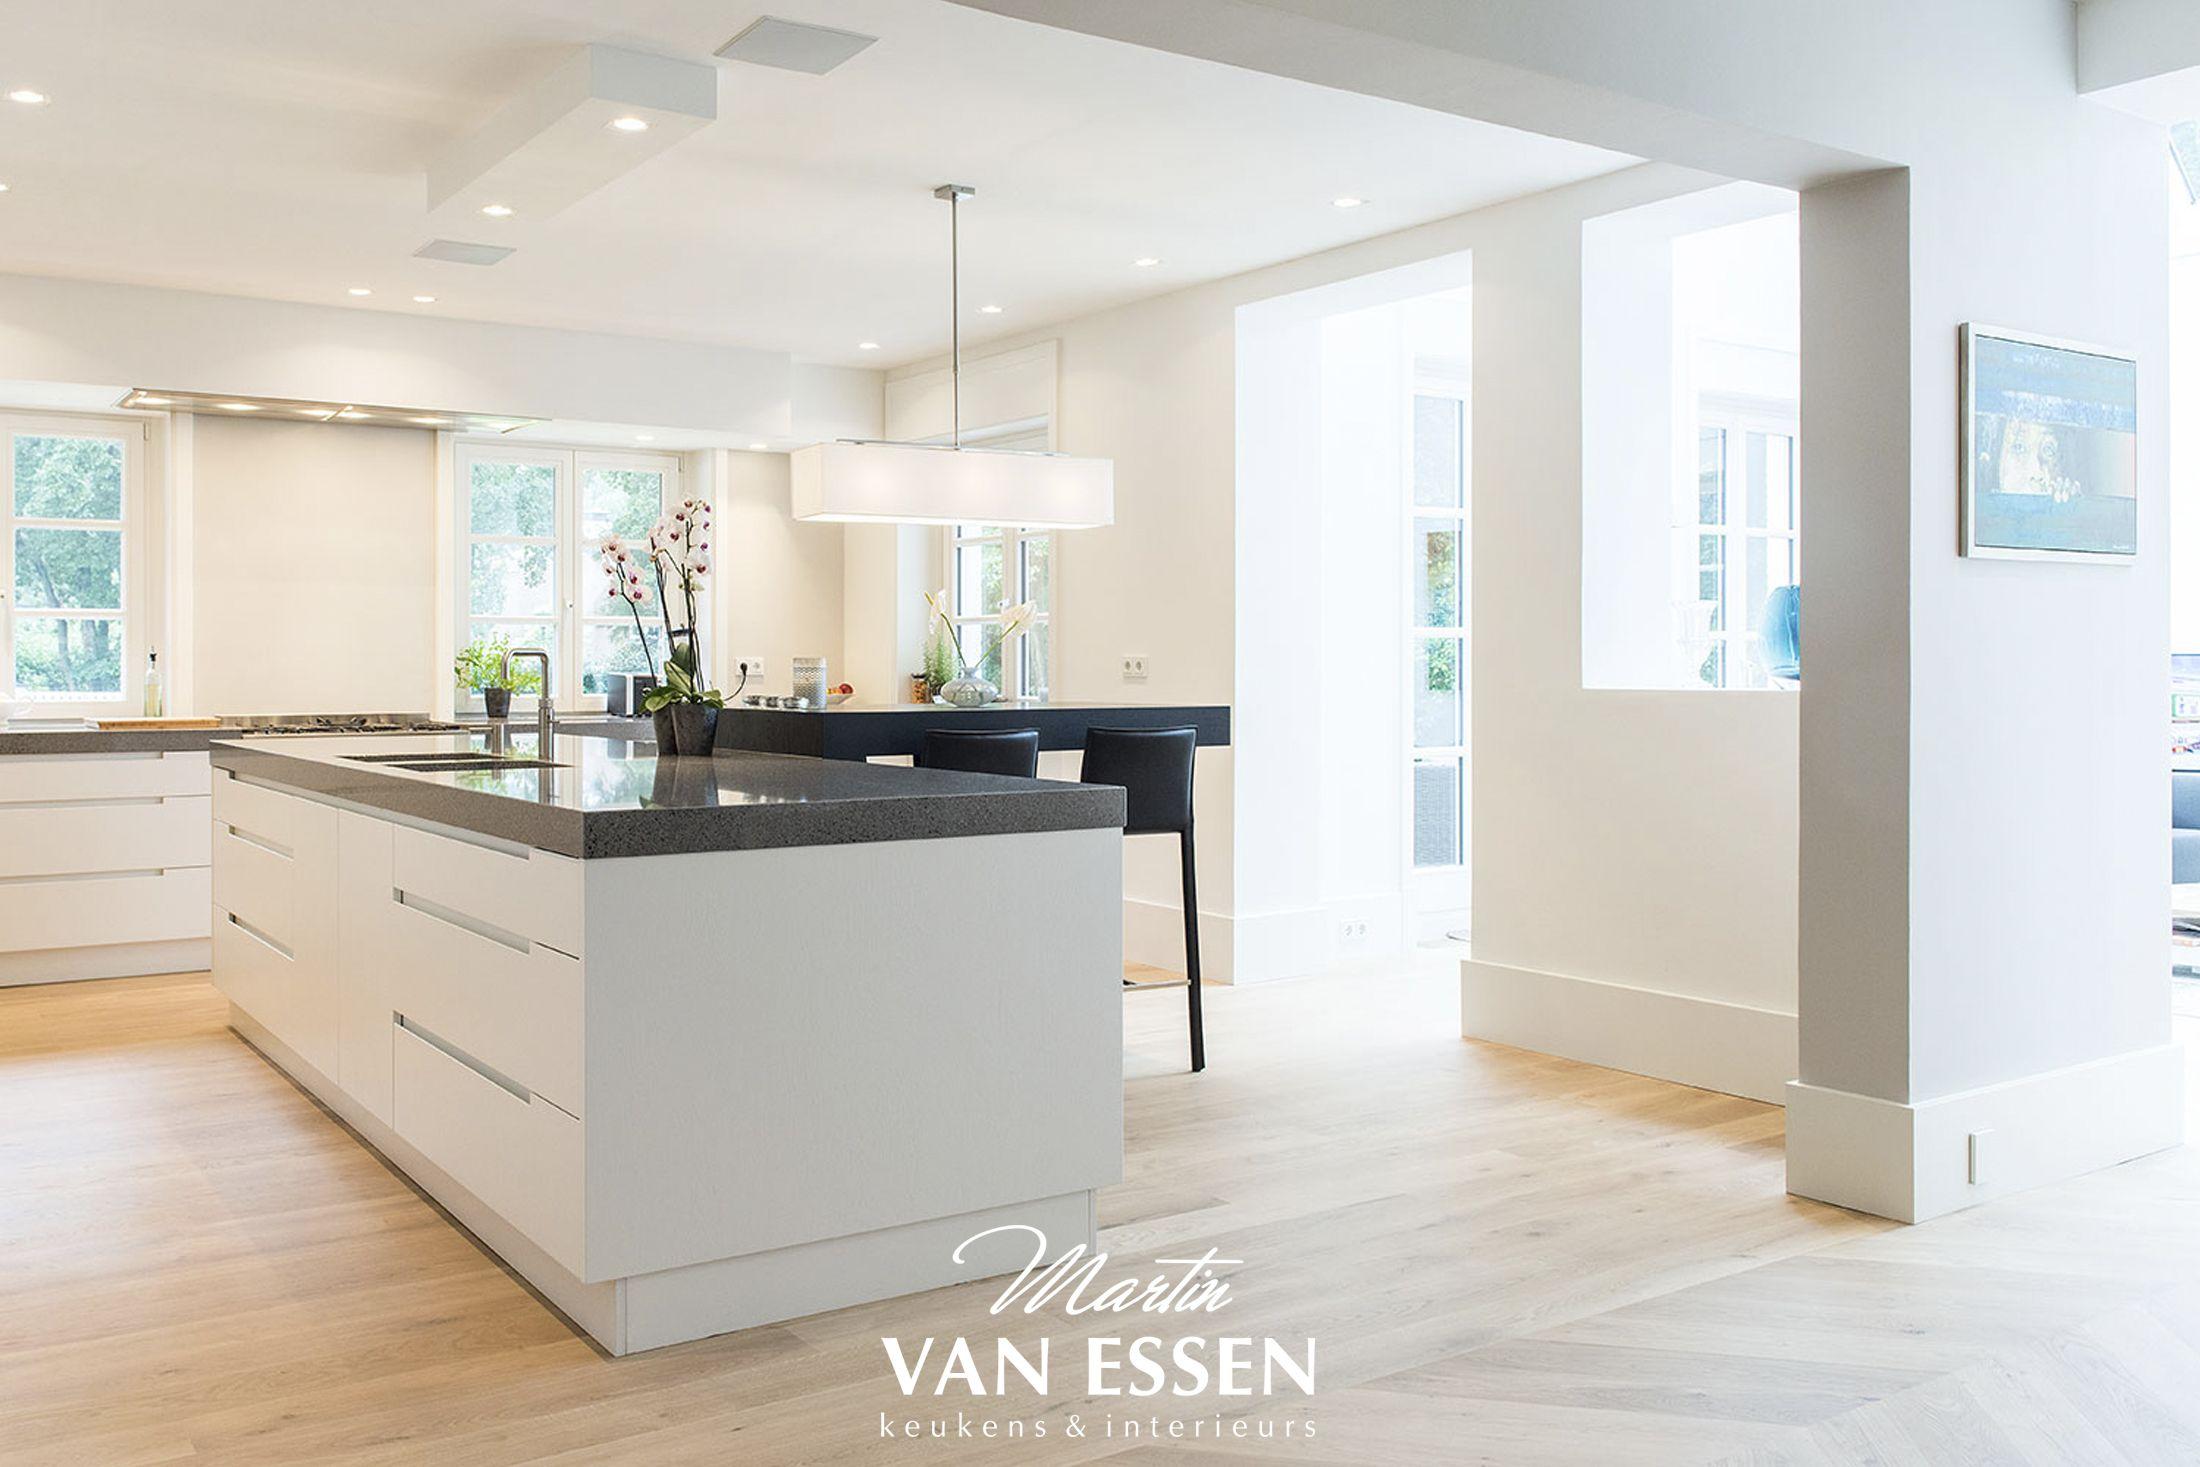 Moderne Keuken Donker : Donkere vloer witte keuken thomas gaspersz